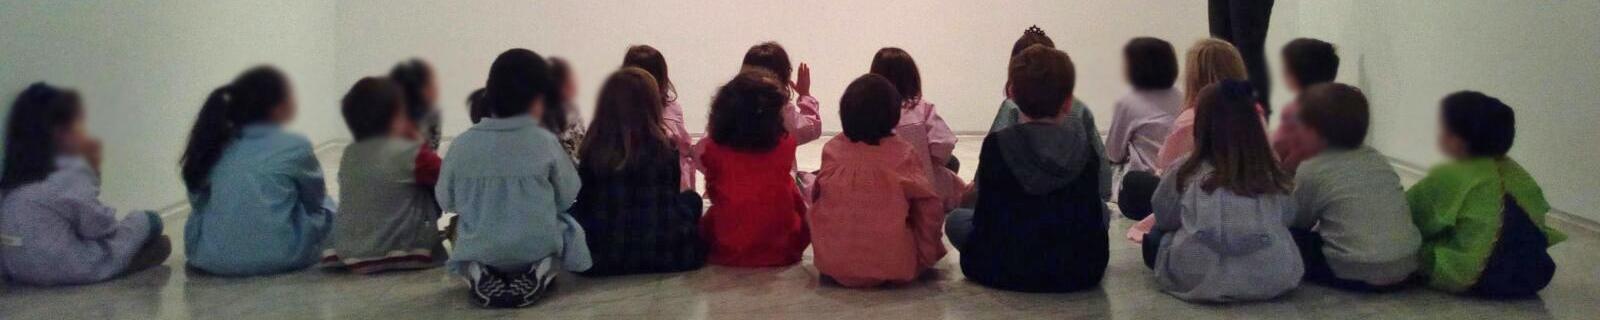 Sábados en el Museo de Bellas Artes de Asturias - NUEVAS actividades